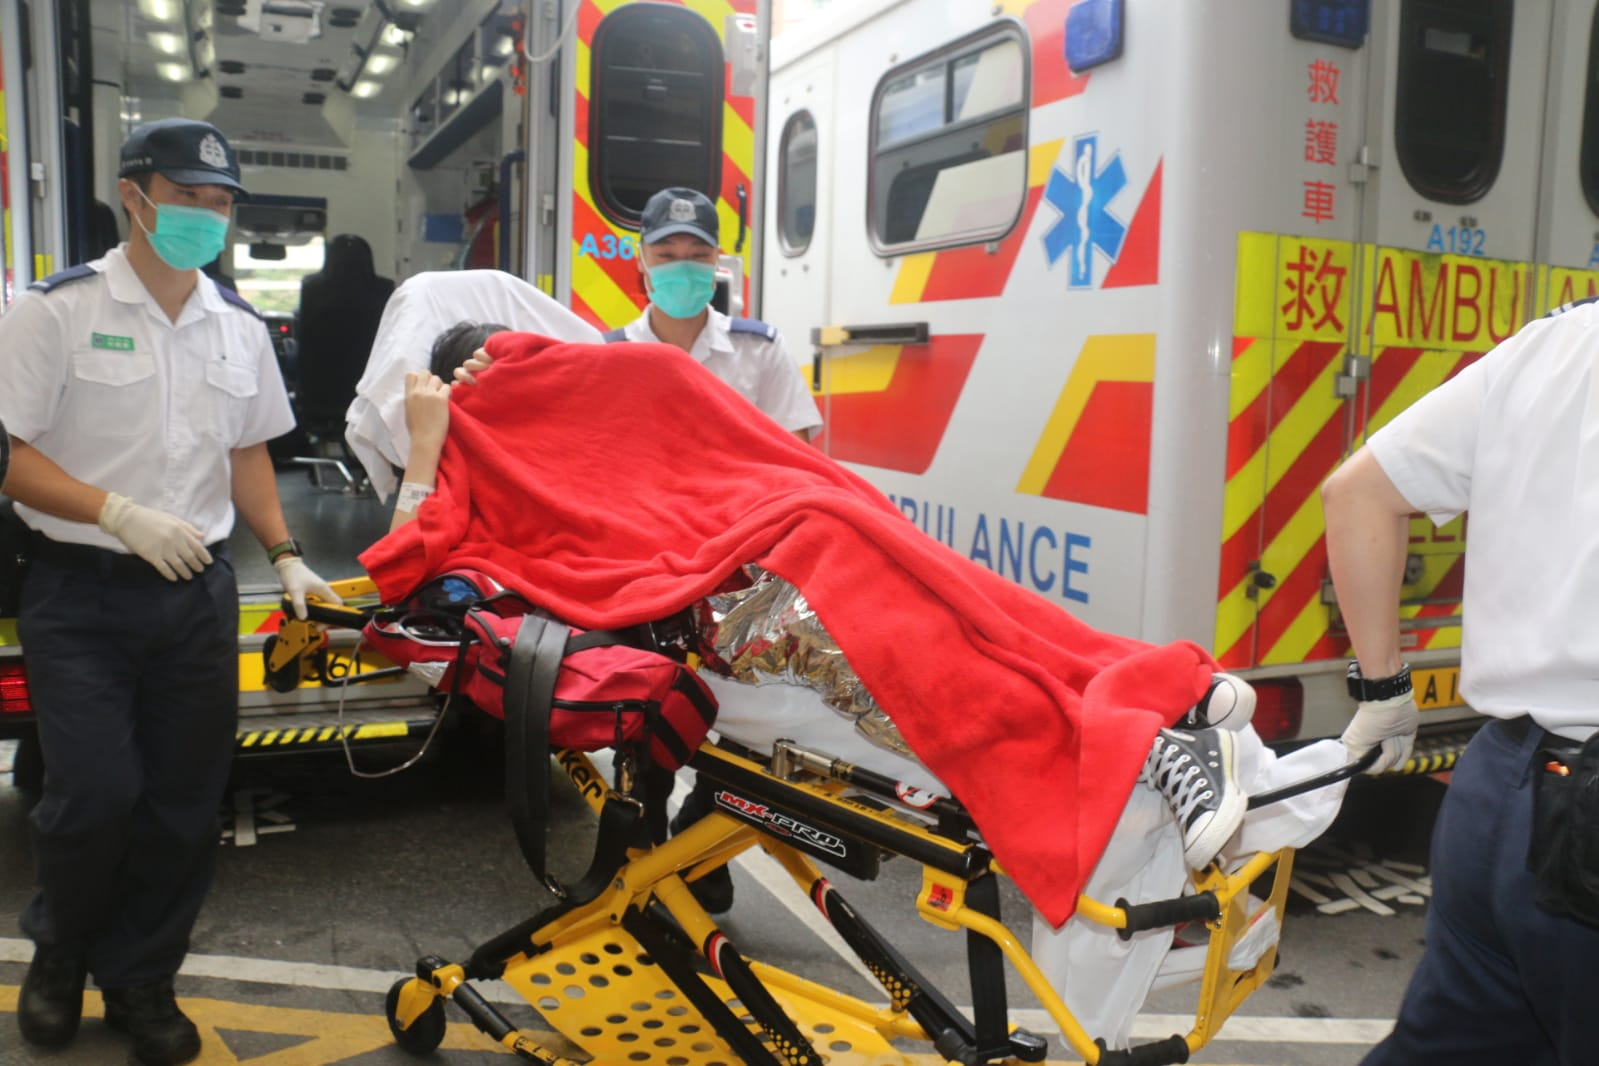 墮海女子送往伊利沙伯醫院治理。